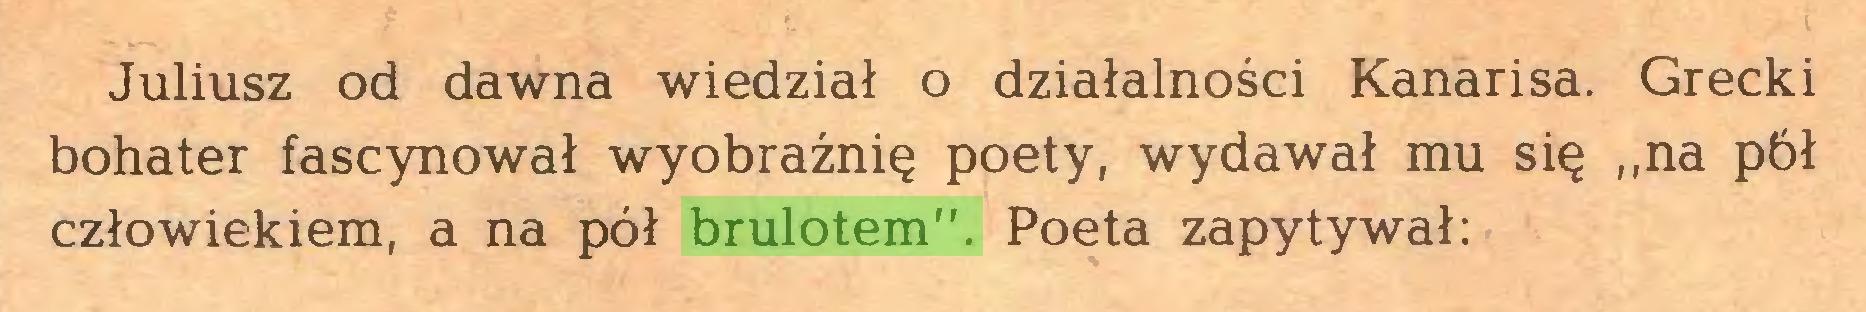 """(...) Juliusz od dawna wiedział o działalności Kanarisa. Grecki bohater fascynował wyobraźnię poety, wydawał mu się ,,na pół człowiekiem, a na pół brulotem"""". Poeta zapytywał:..."""